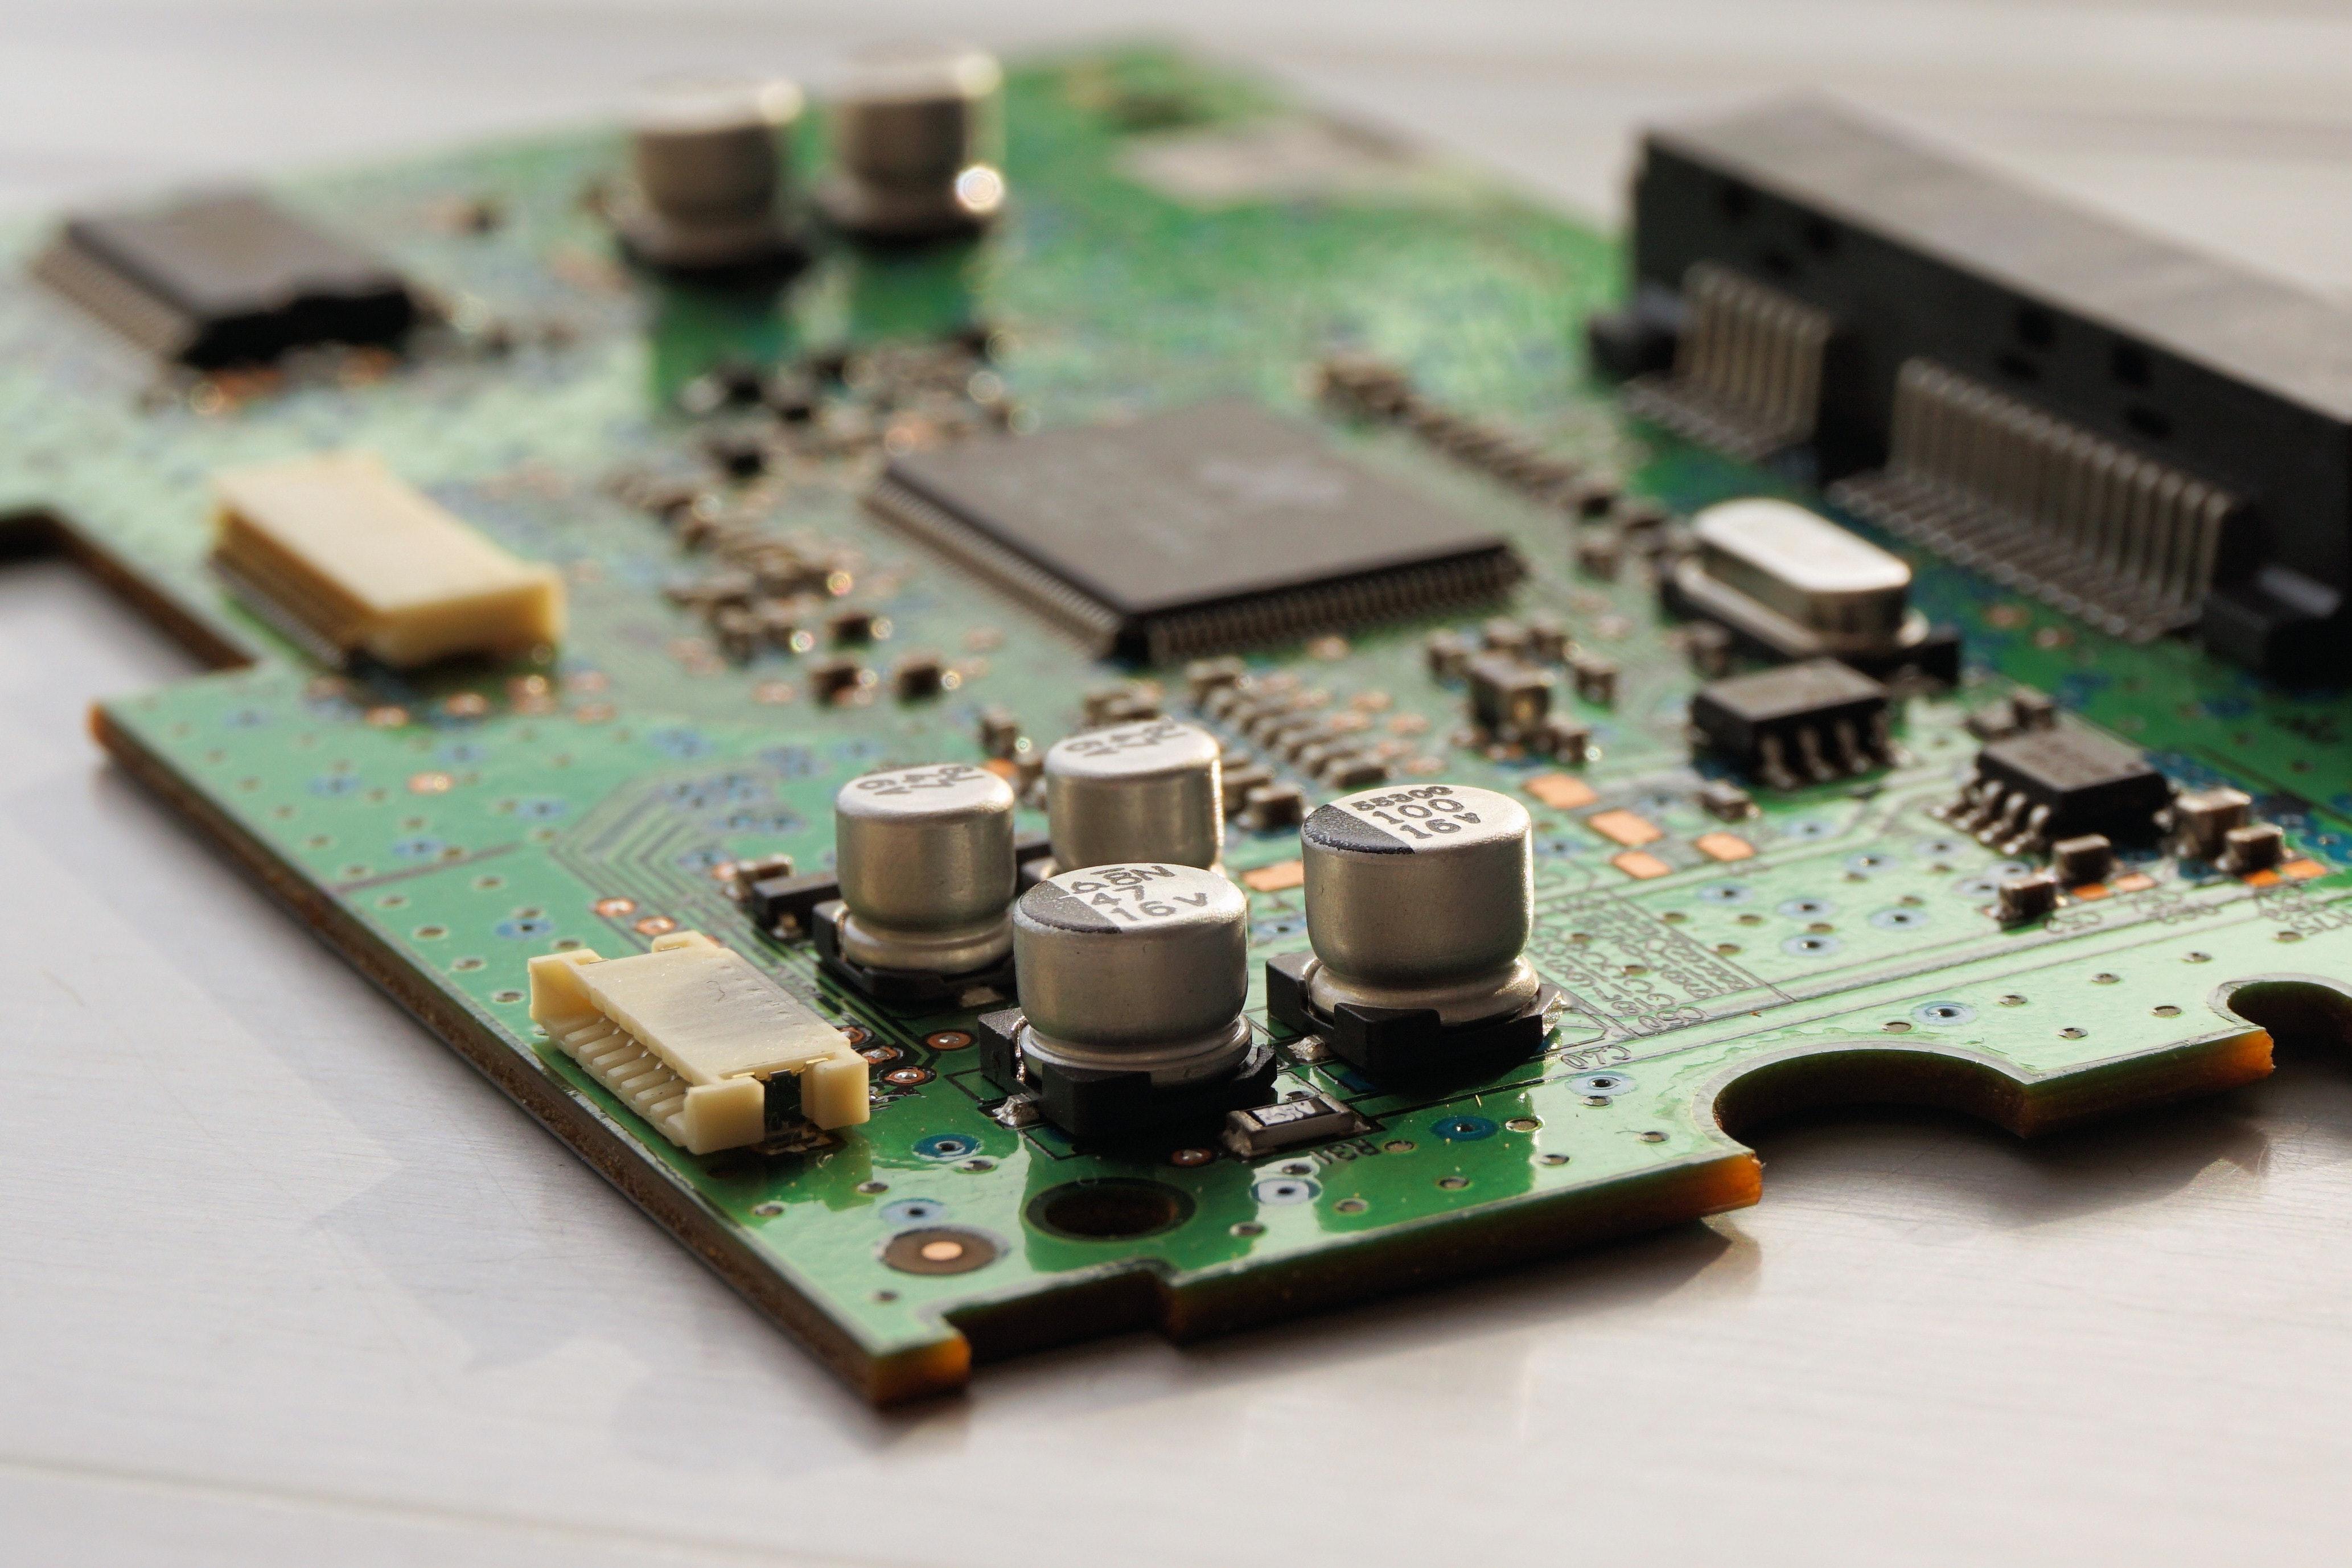 政策利好,市场驱动电感器行业迎来新一轮发展期